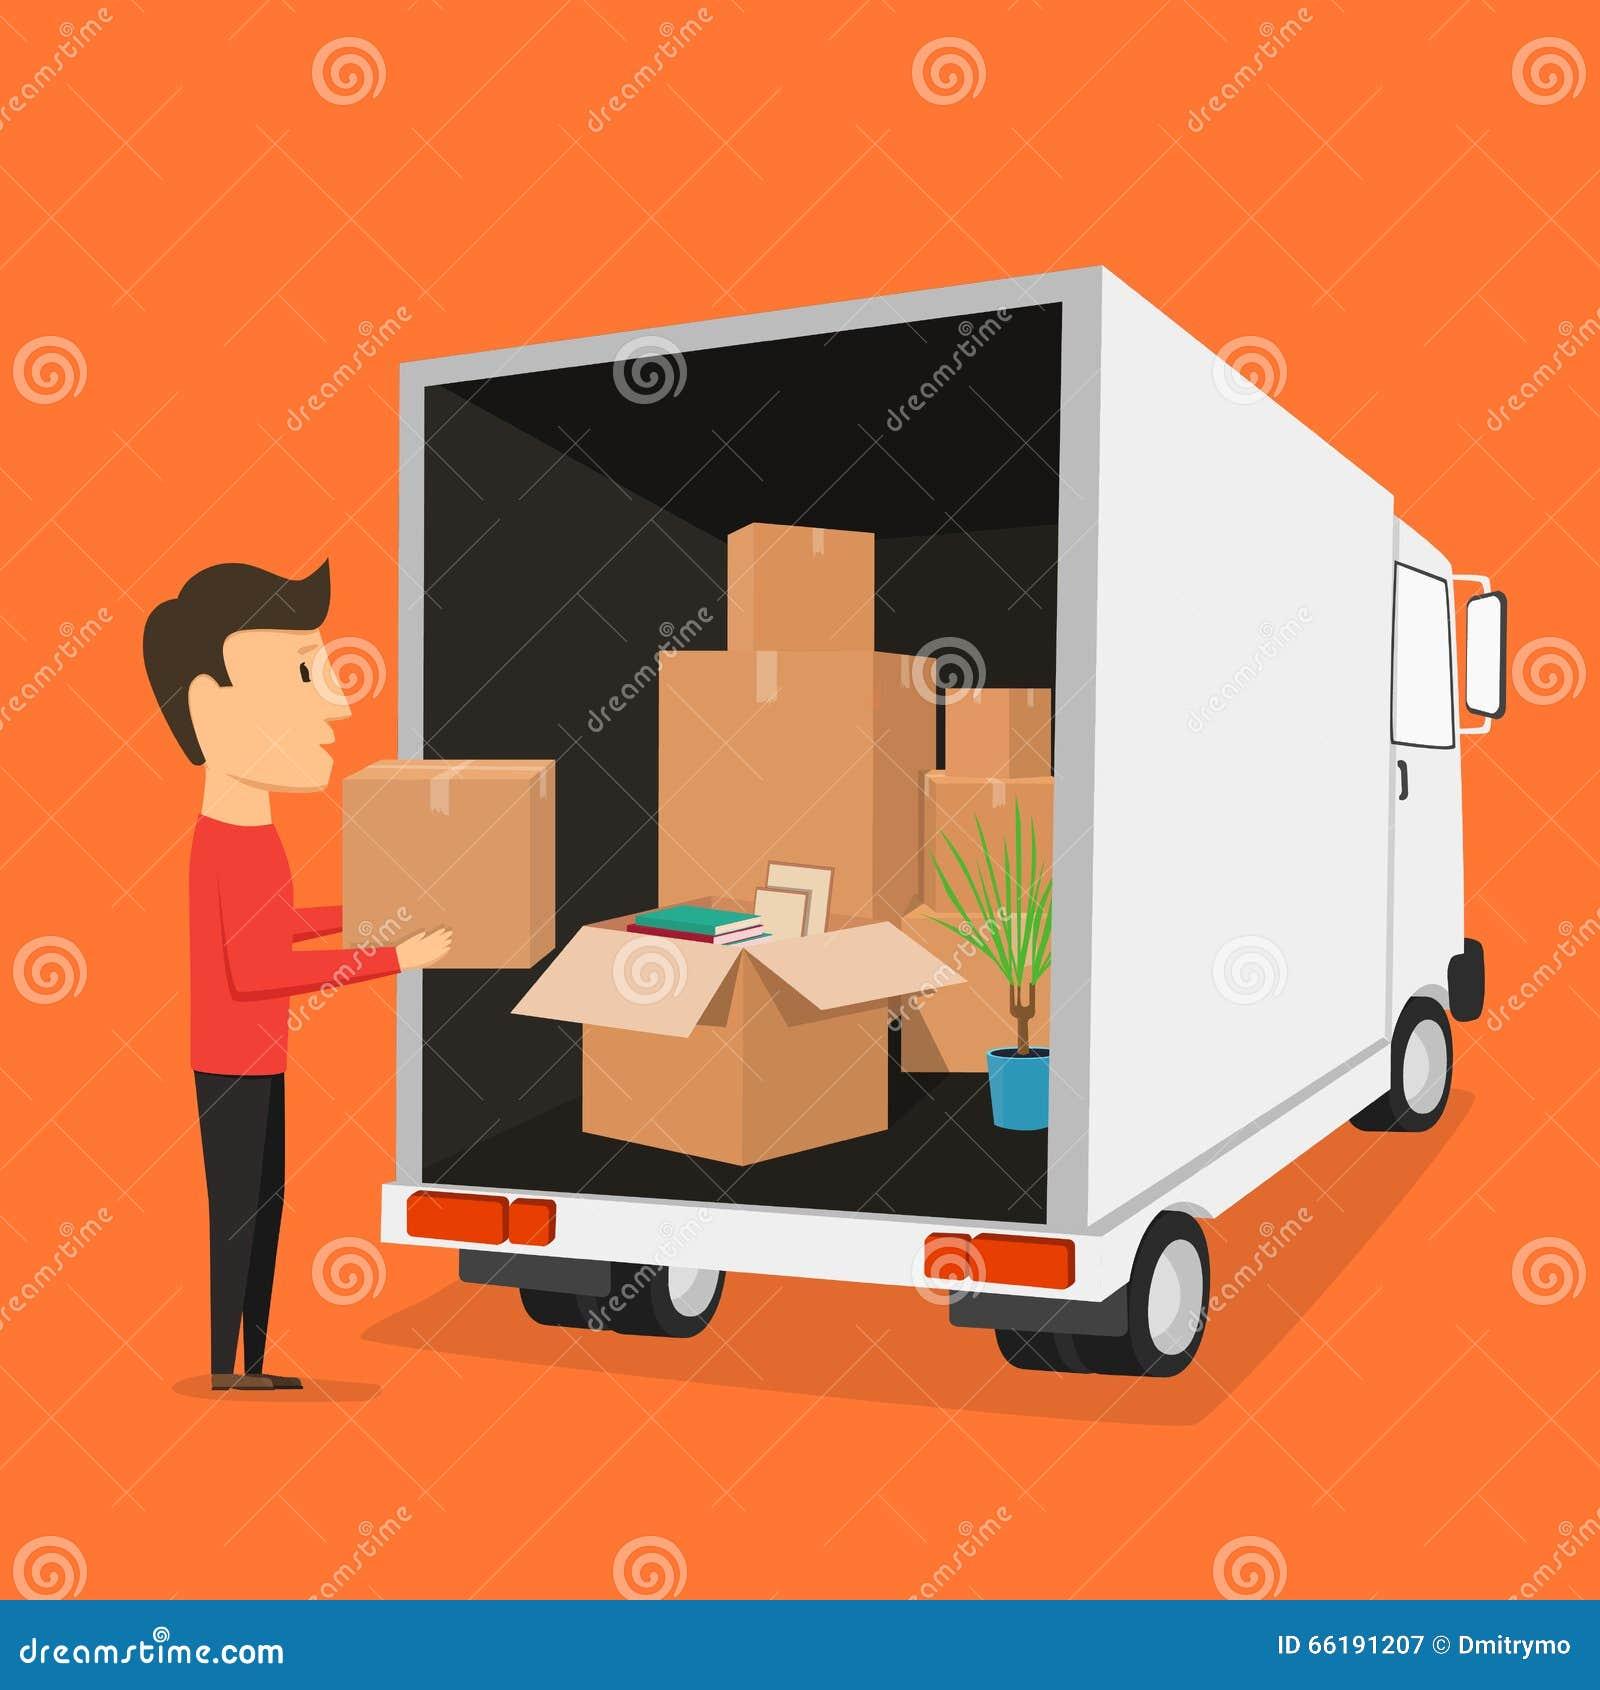 Bewegen mit Kästen Sachen im Kasten Transportunternehmen